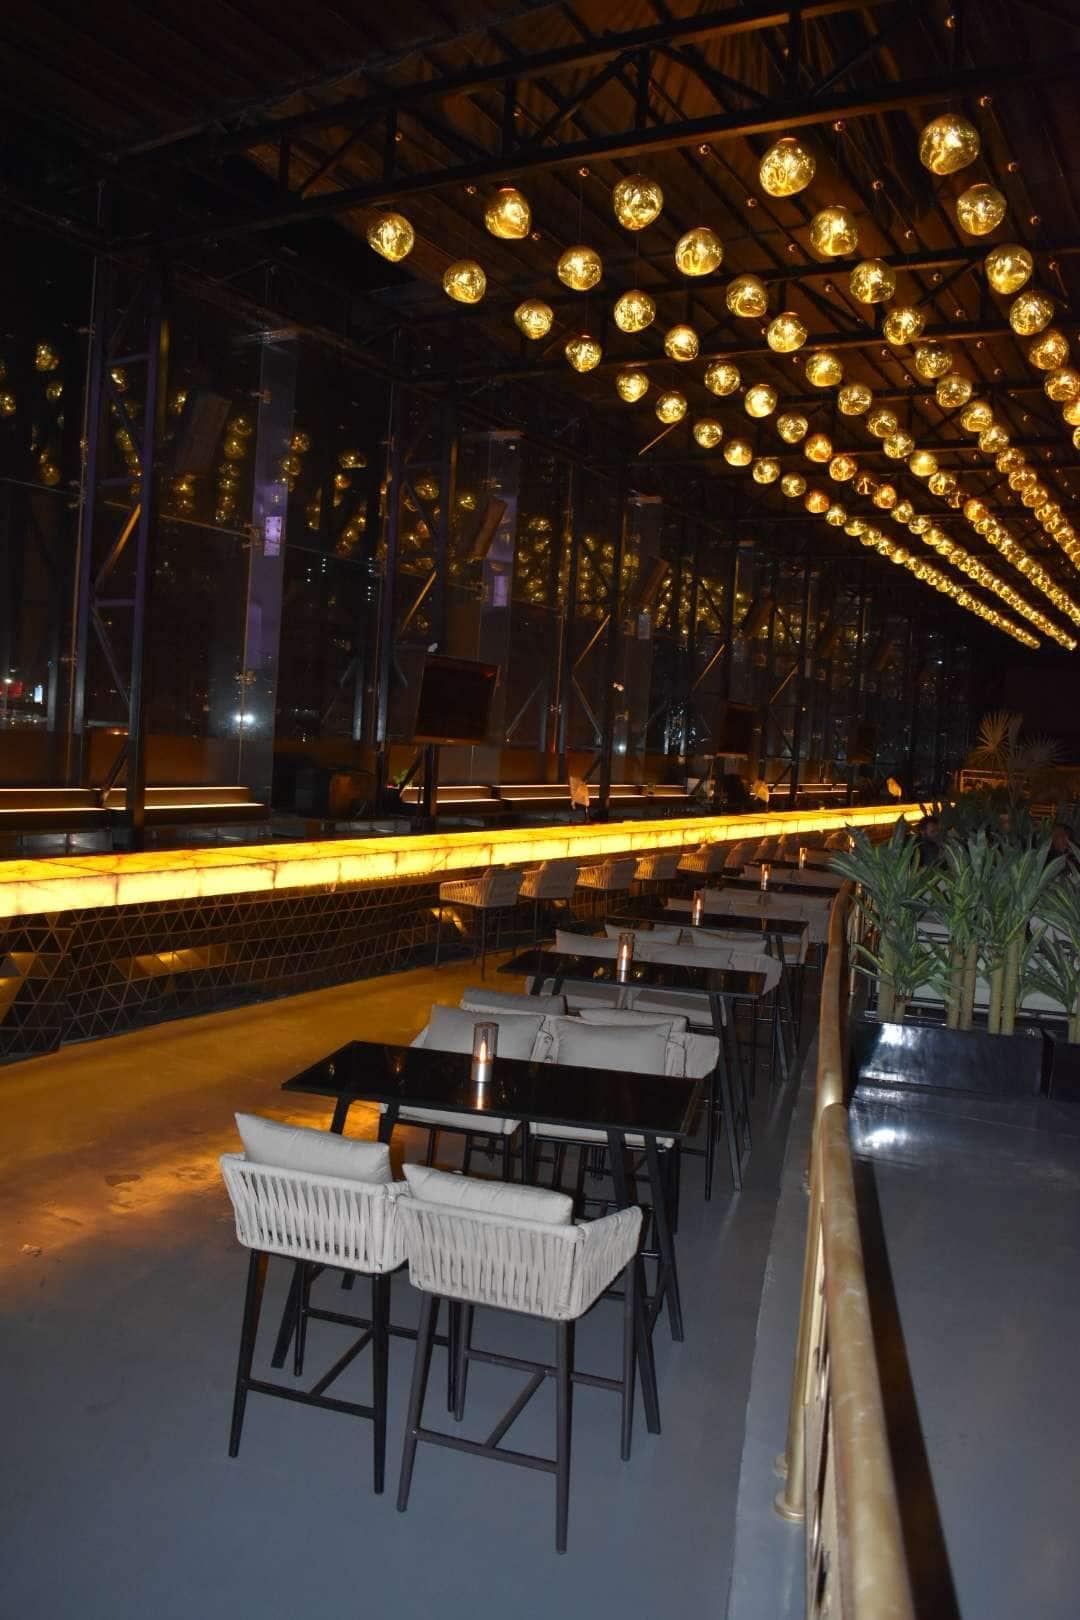 Aer Restaurant And Bar Difc Dubai